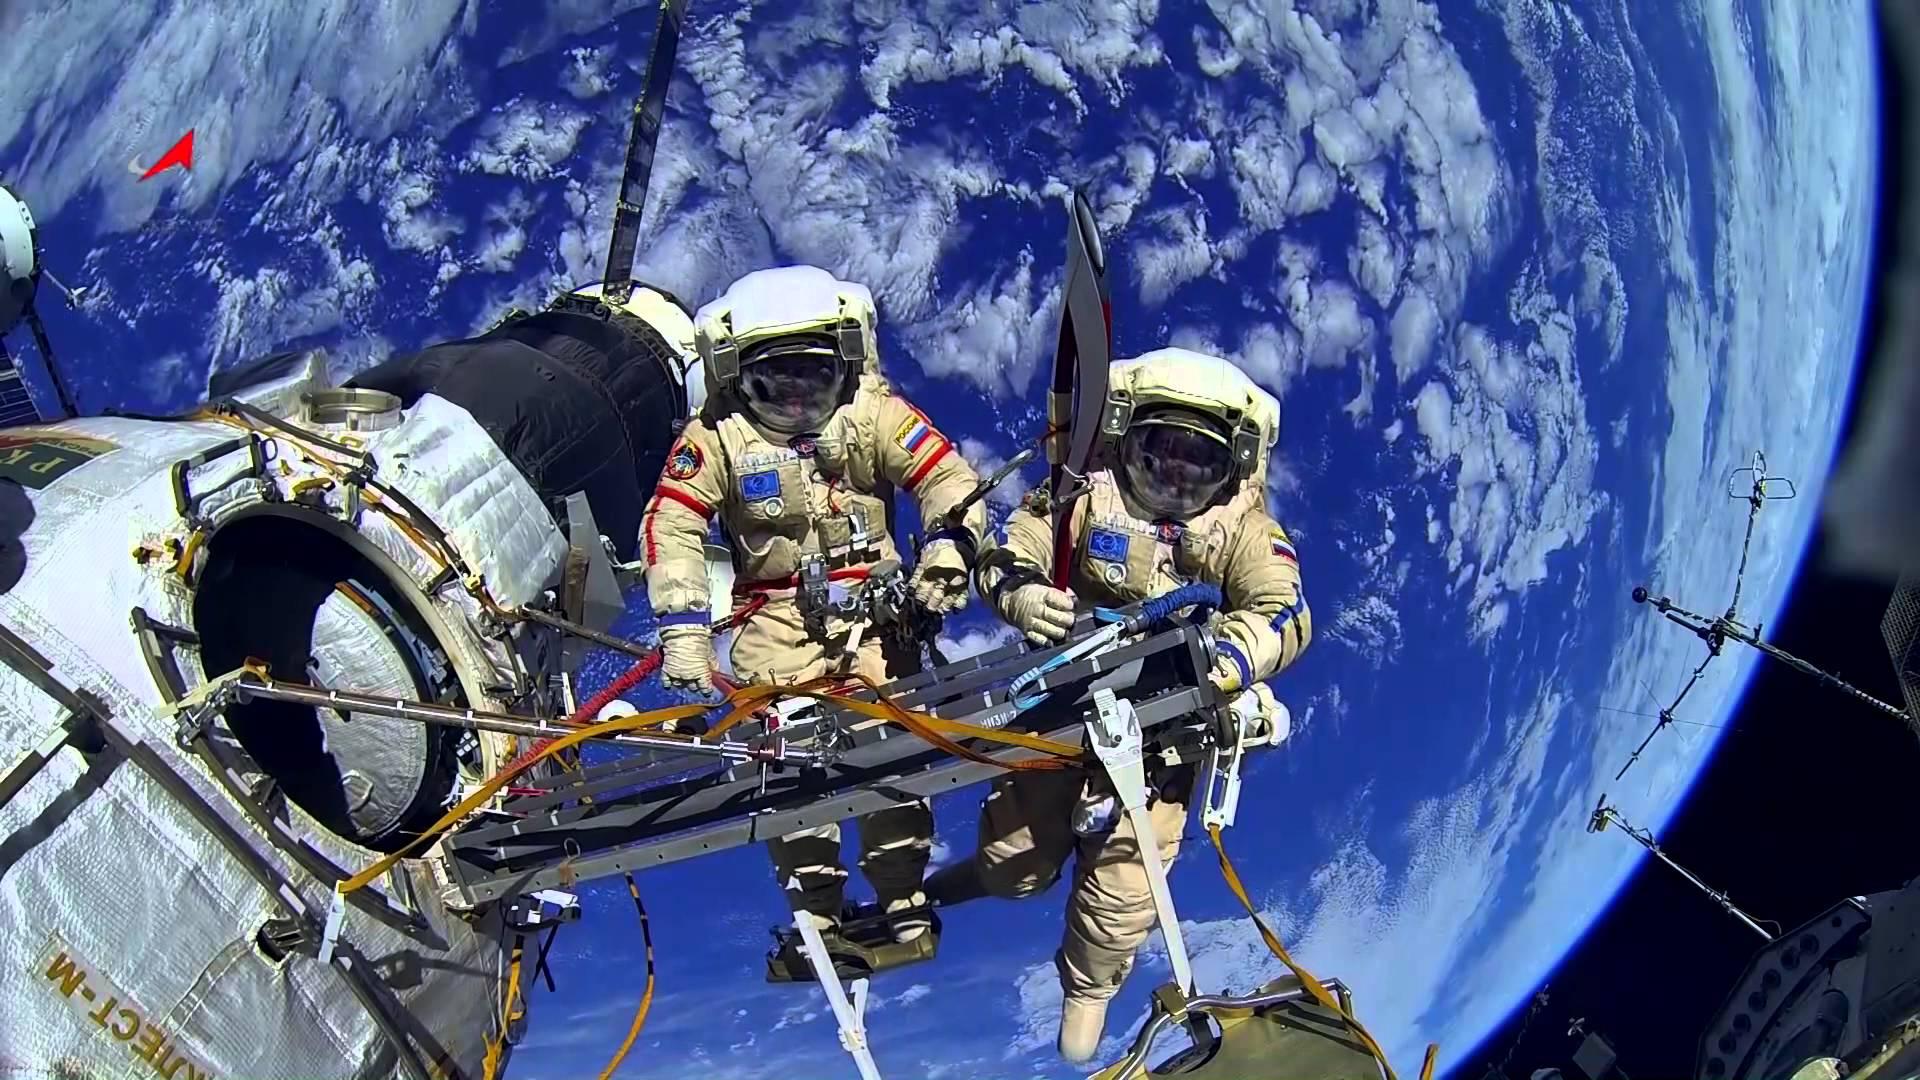 Сергей Рязанский и Олег Котов передают эстафету Олимпийского огня в космосе